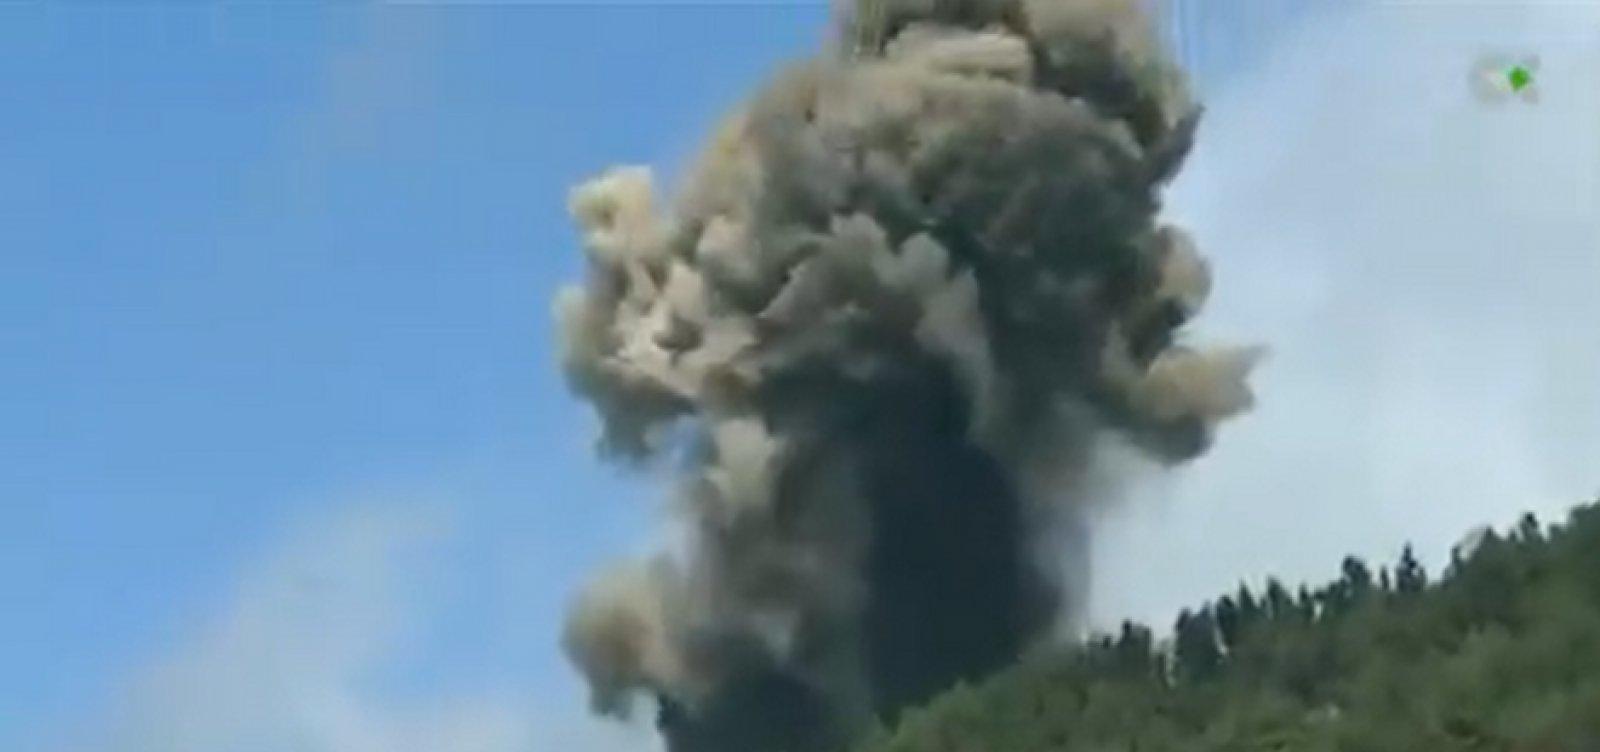 Vulcão Cumbre Vieja entra em erupção nas Ilhas Canárias